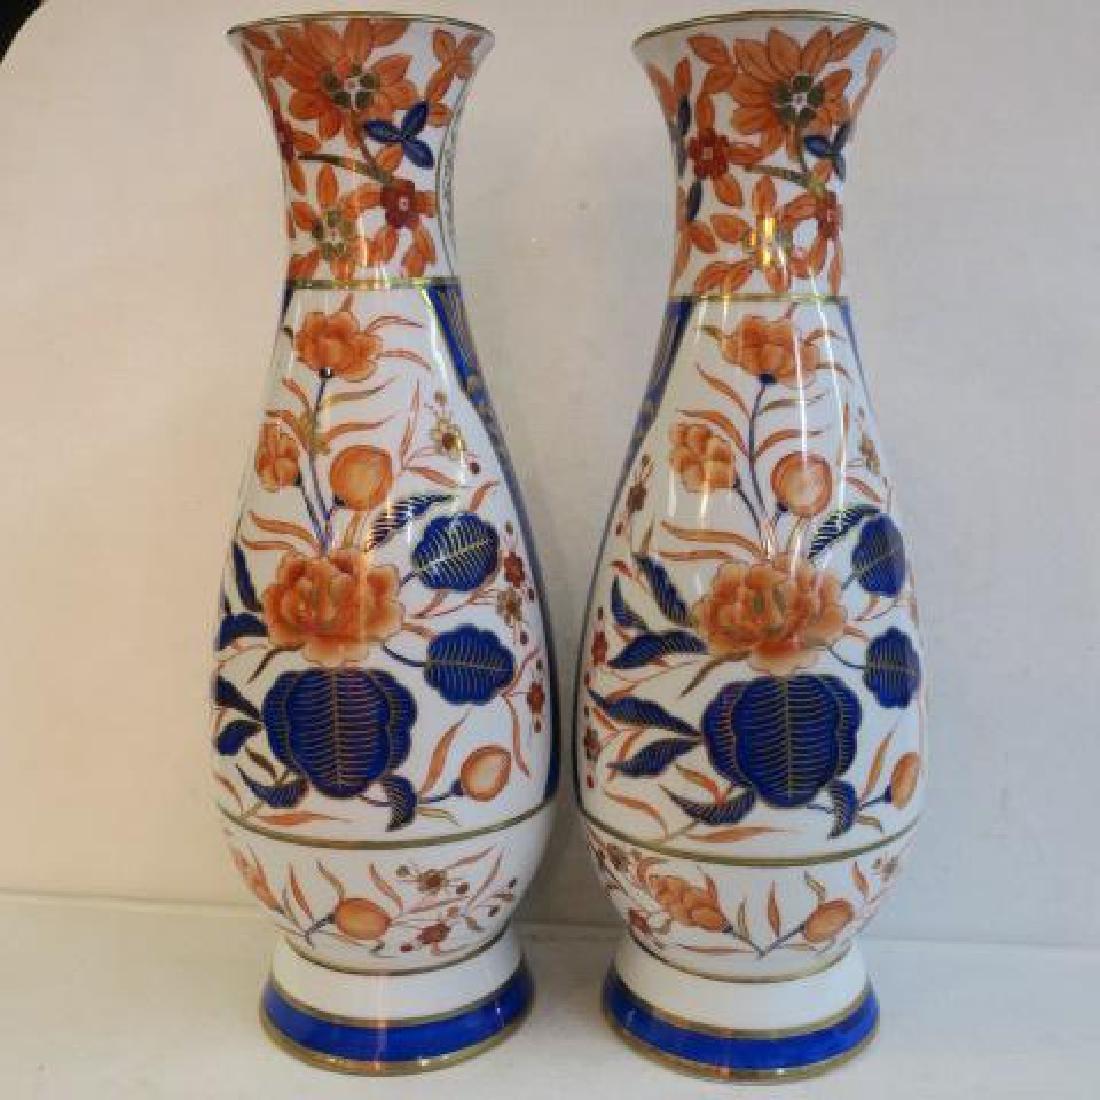 Pair of Porcelain Asian Vases: